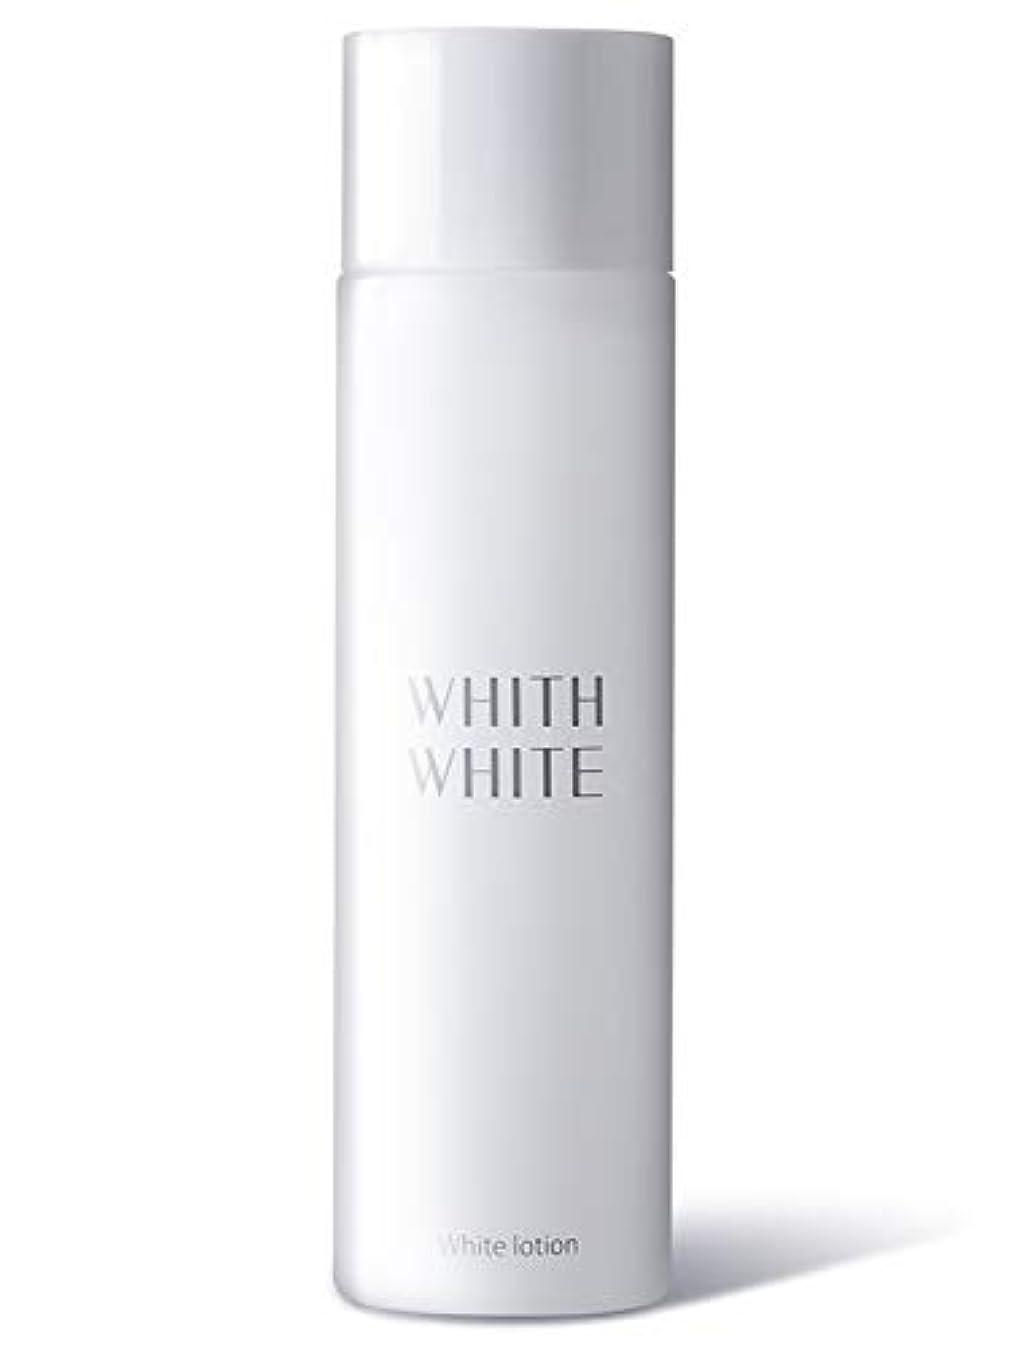 やめる色再開化粧水 医薬部外品 フィス 美白「 しみ くすみ 用」「 プラセンタ + コラーゲン 配合」200ml